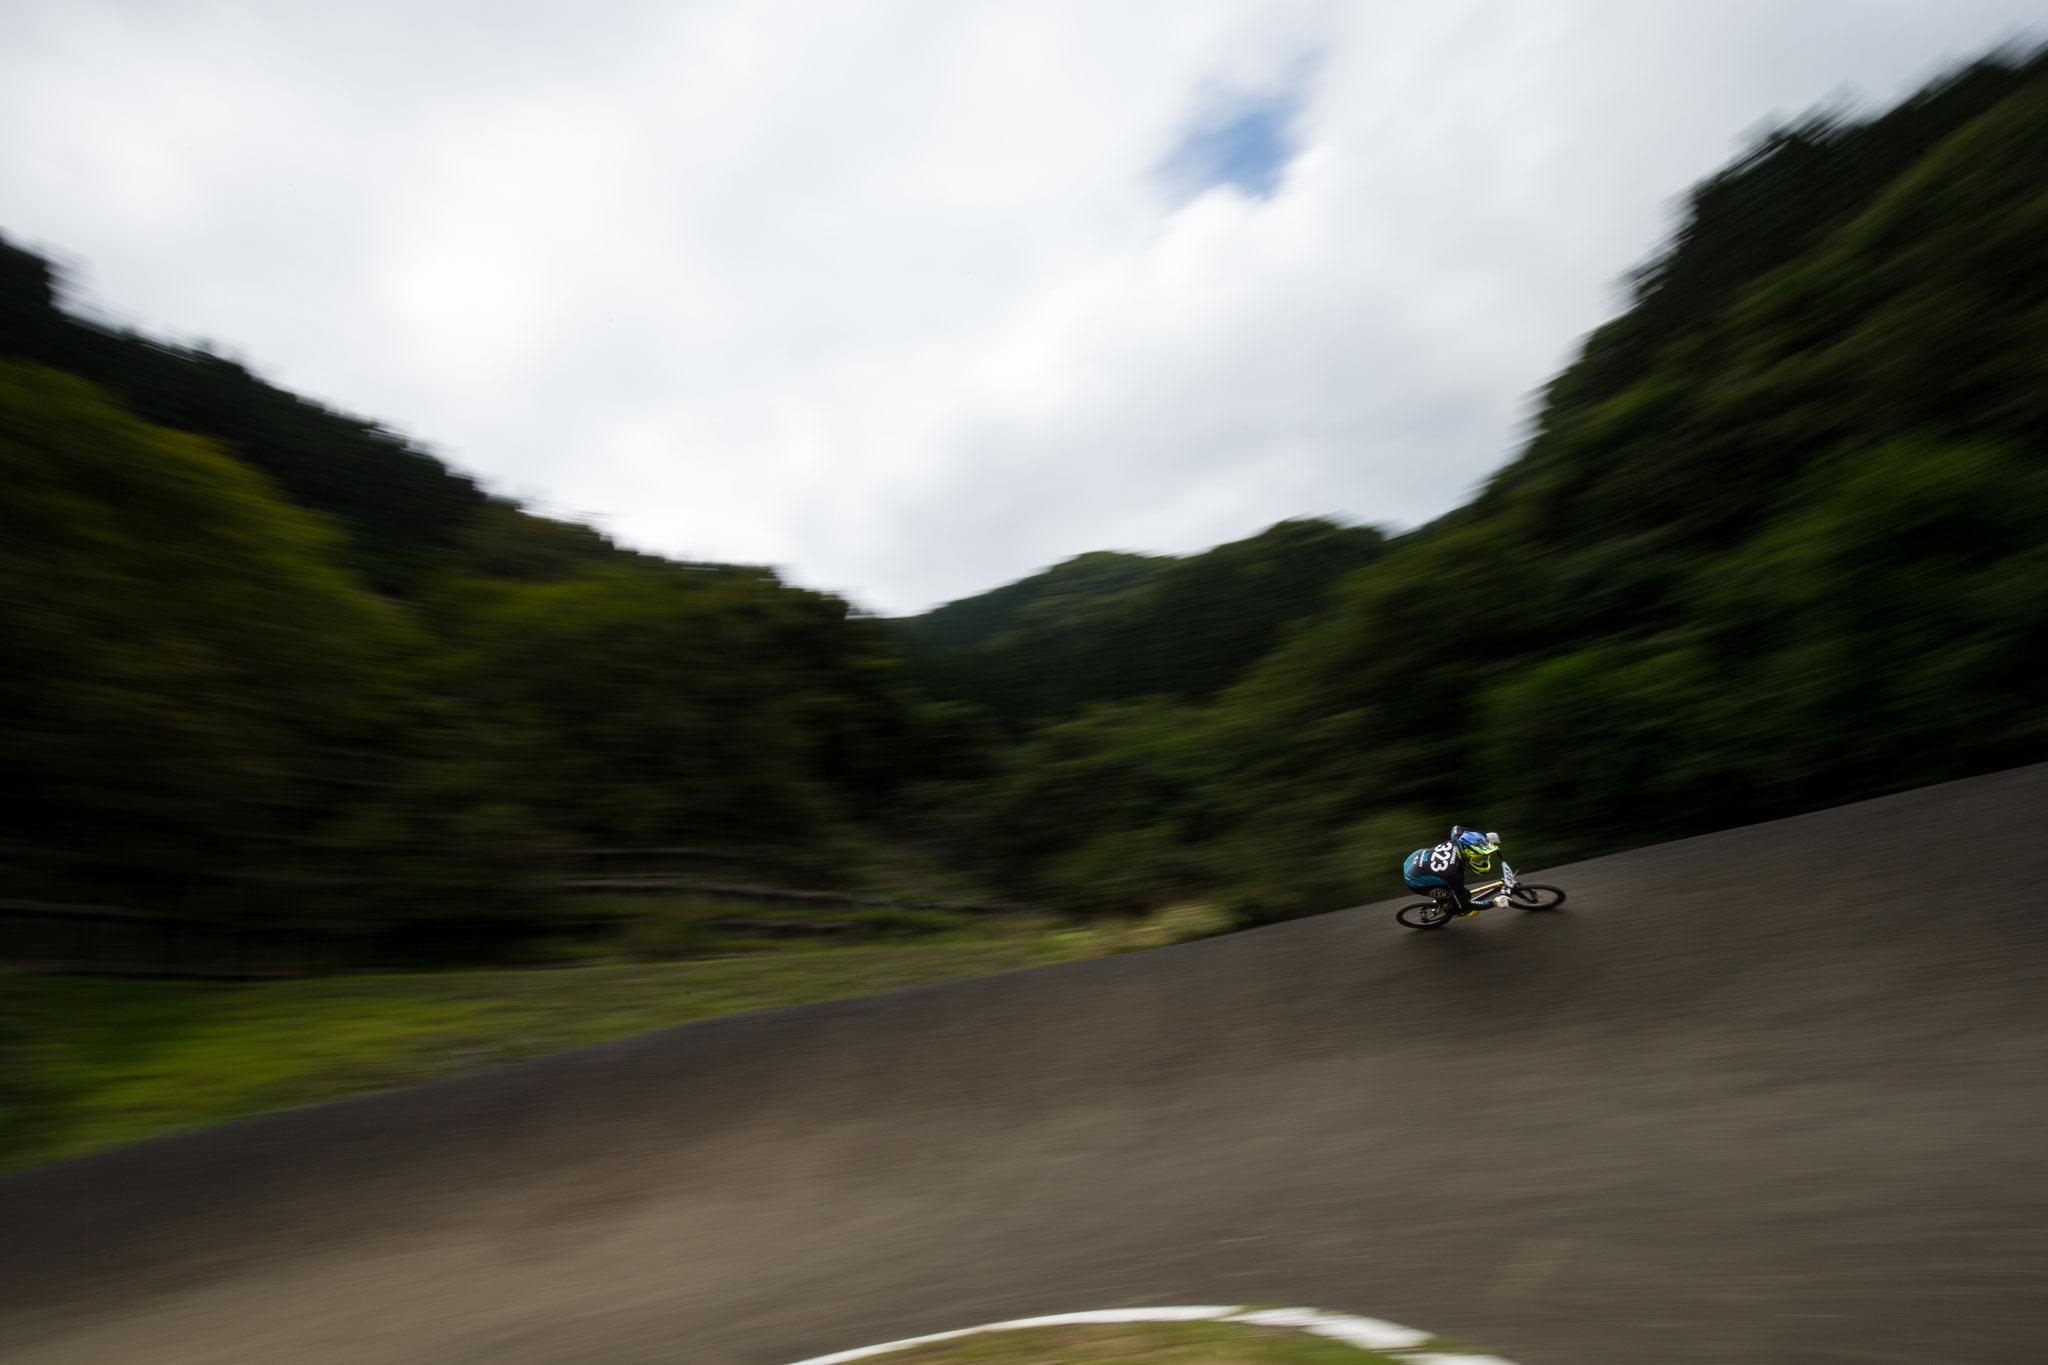 Photo by Hideshi Kikuyama